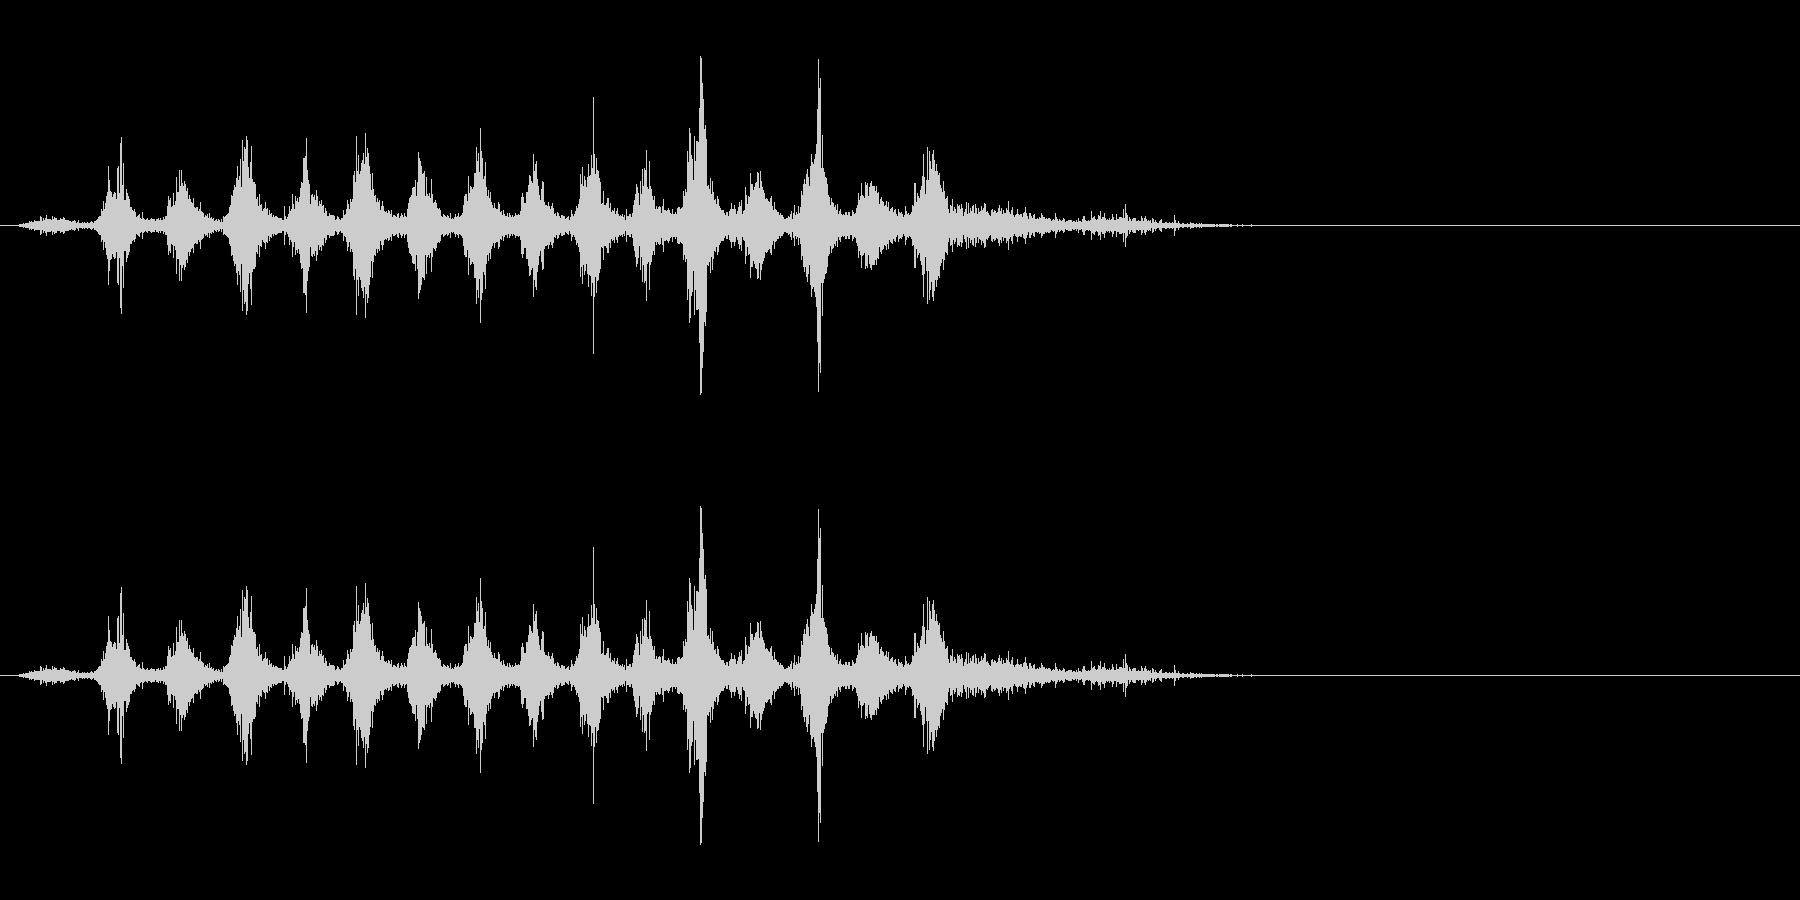 「シャカシャカ〜」木製シェイカーの振り音の未再生の波形